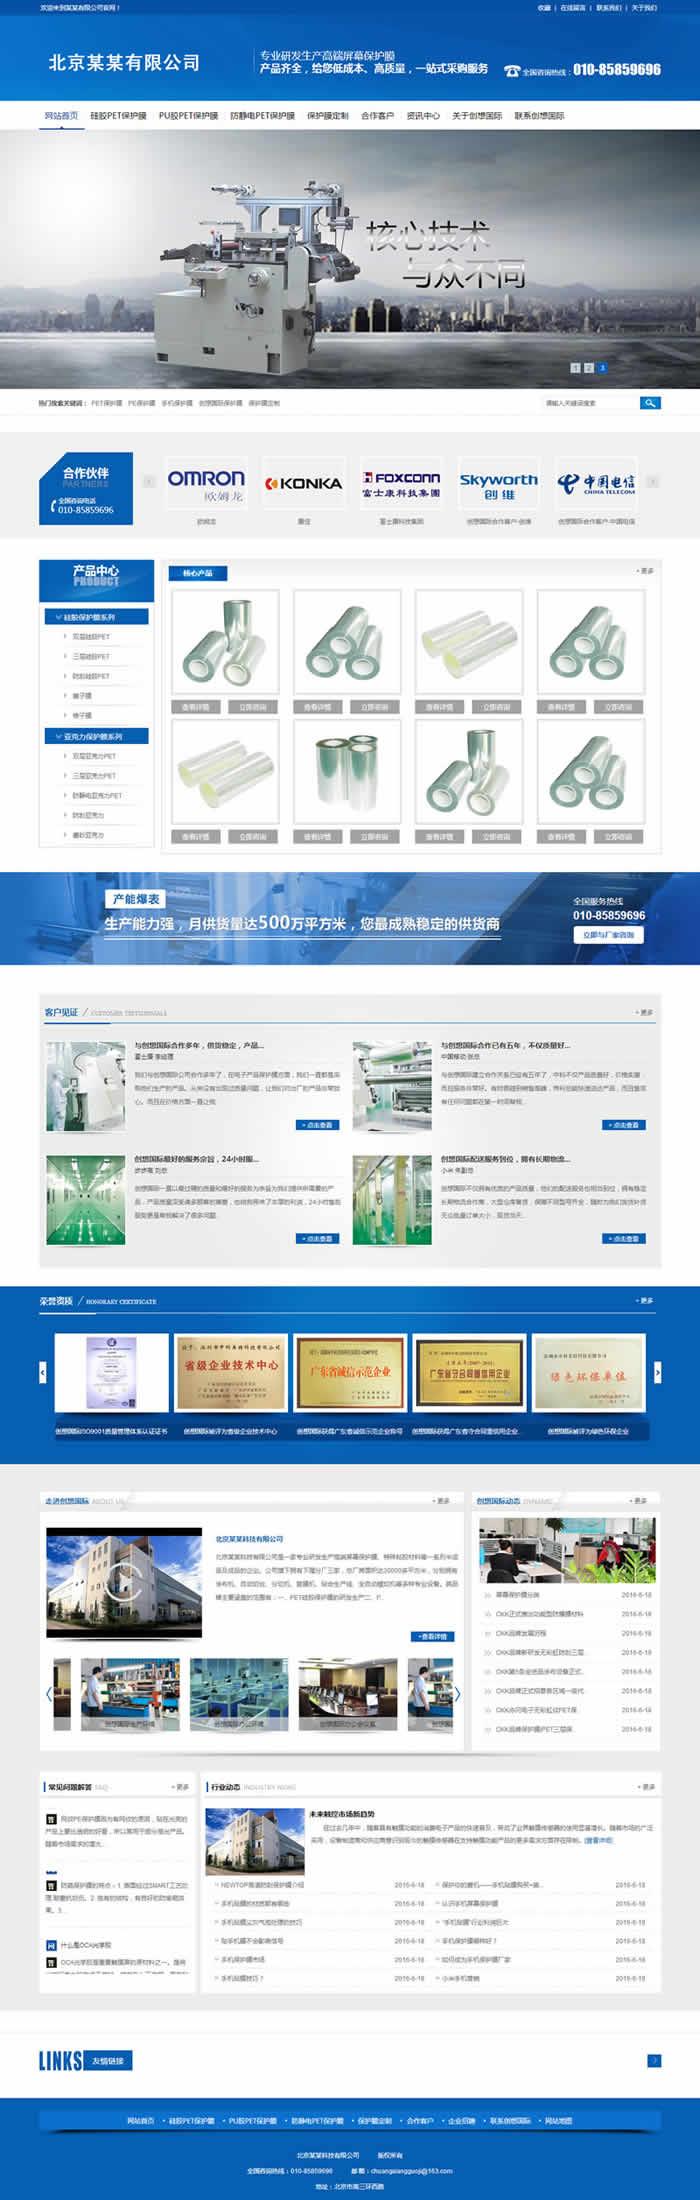 科技类营销型网站